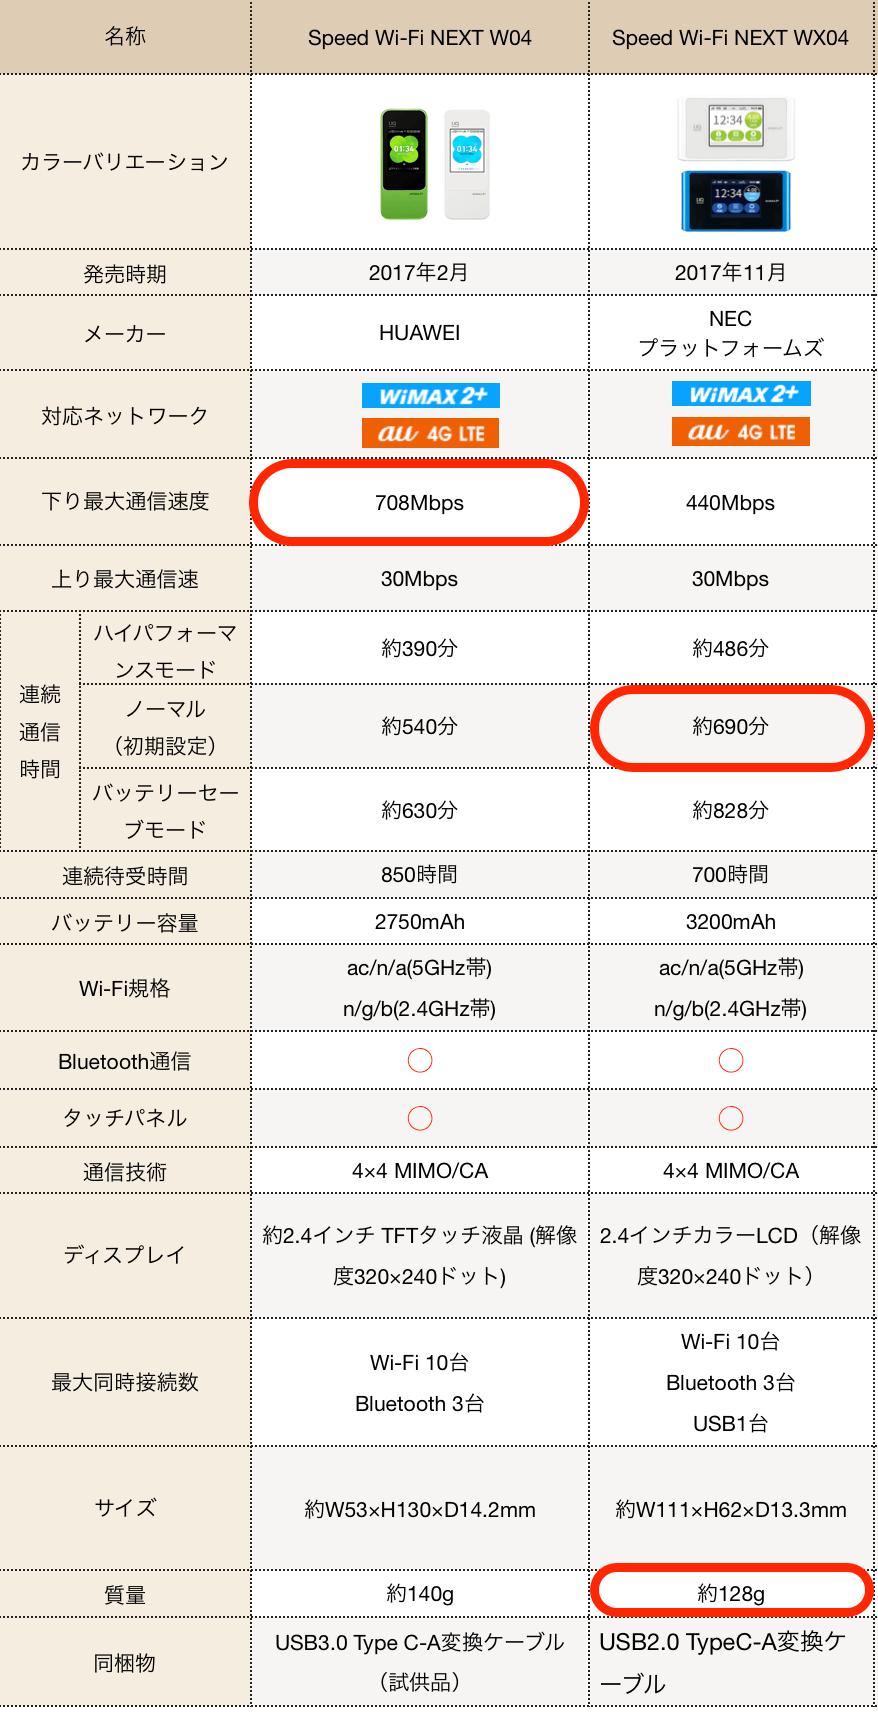 W04とWX04の詳細比較表